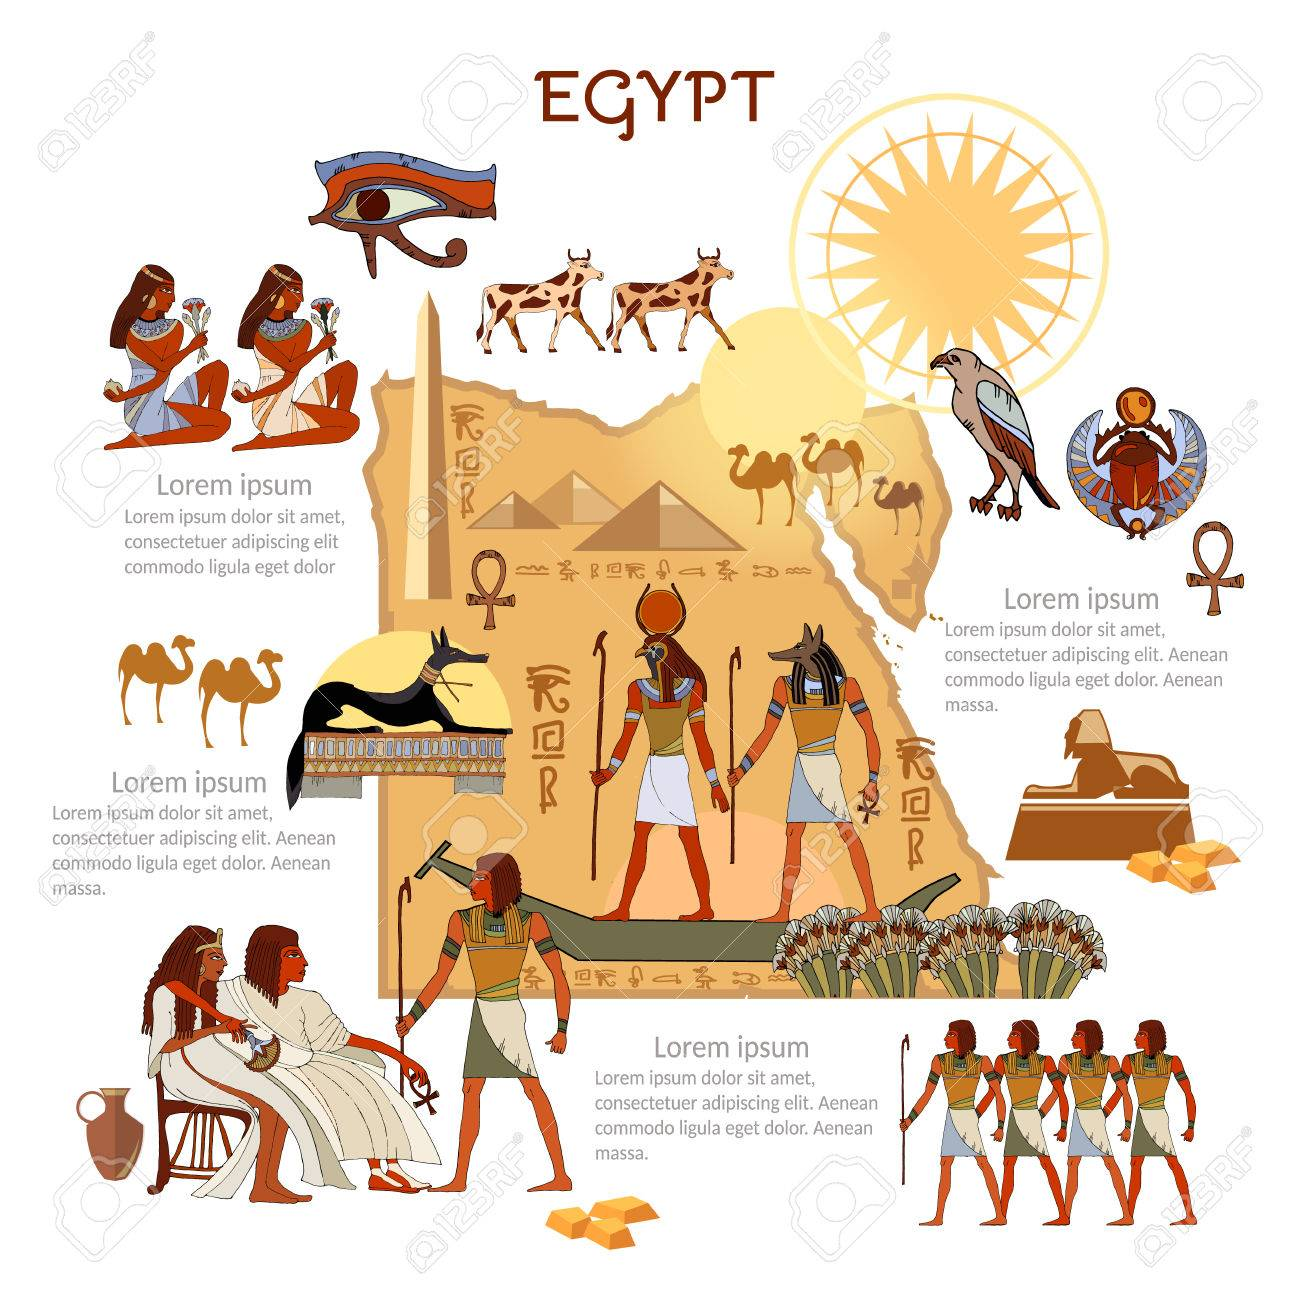 Mapa De Egipto Antiguo.Infografia De Egipto Antiguo Lugares De Interes Cultura Dioses Egipcios Y Las Tradiciones Del Faraon Mapa Personas Elementos De Plantilla De